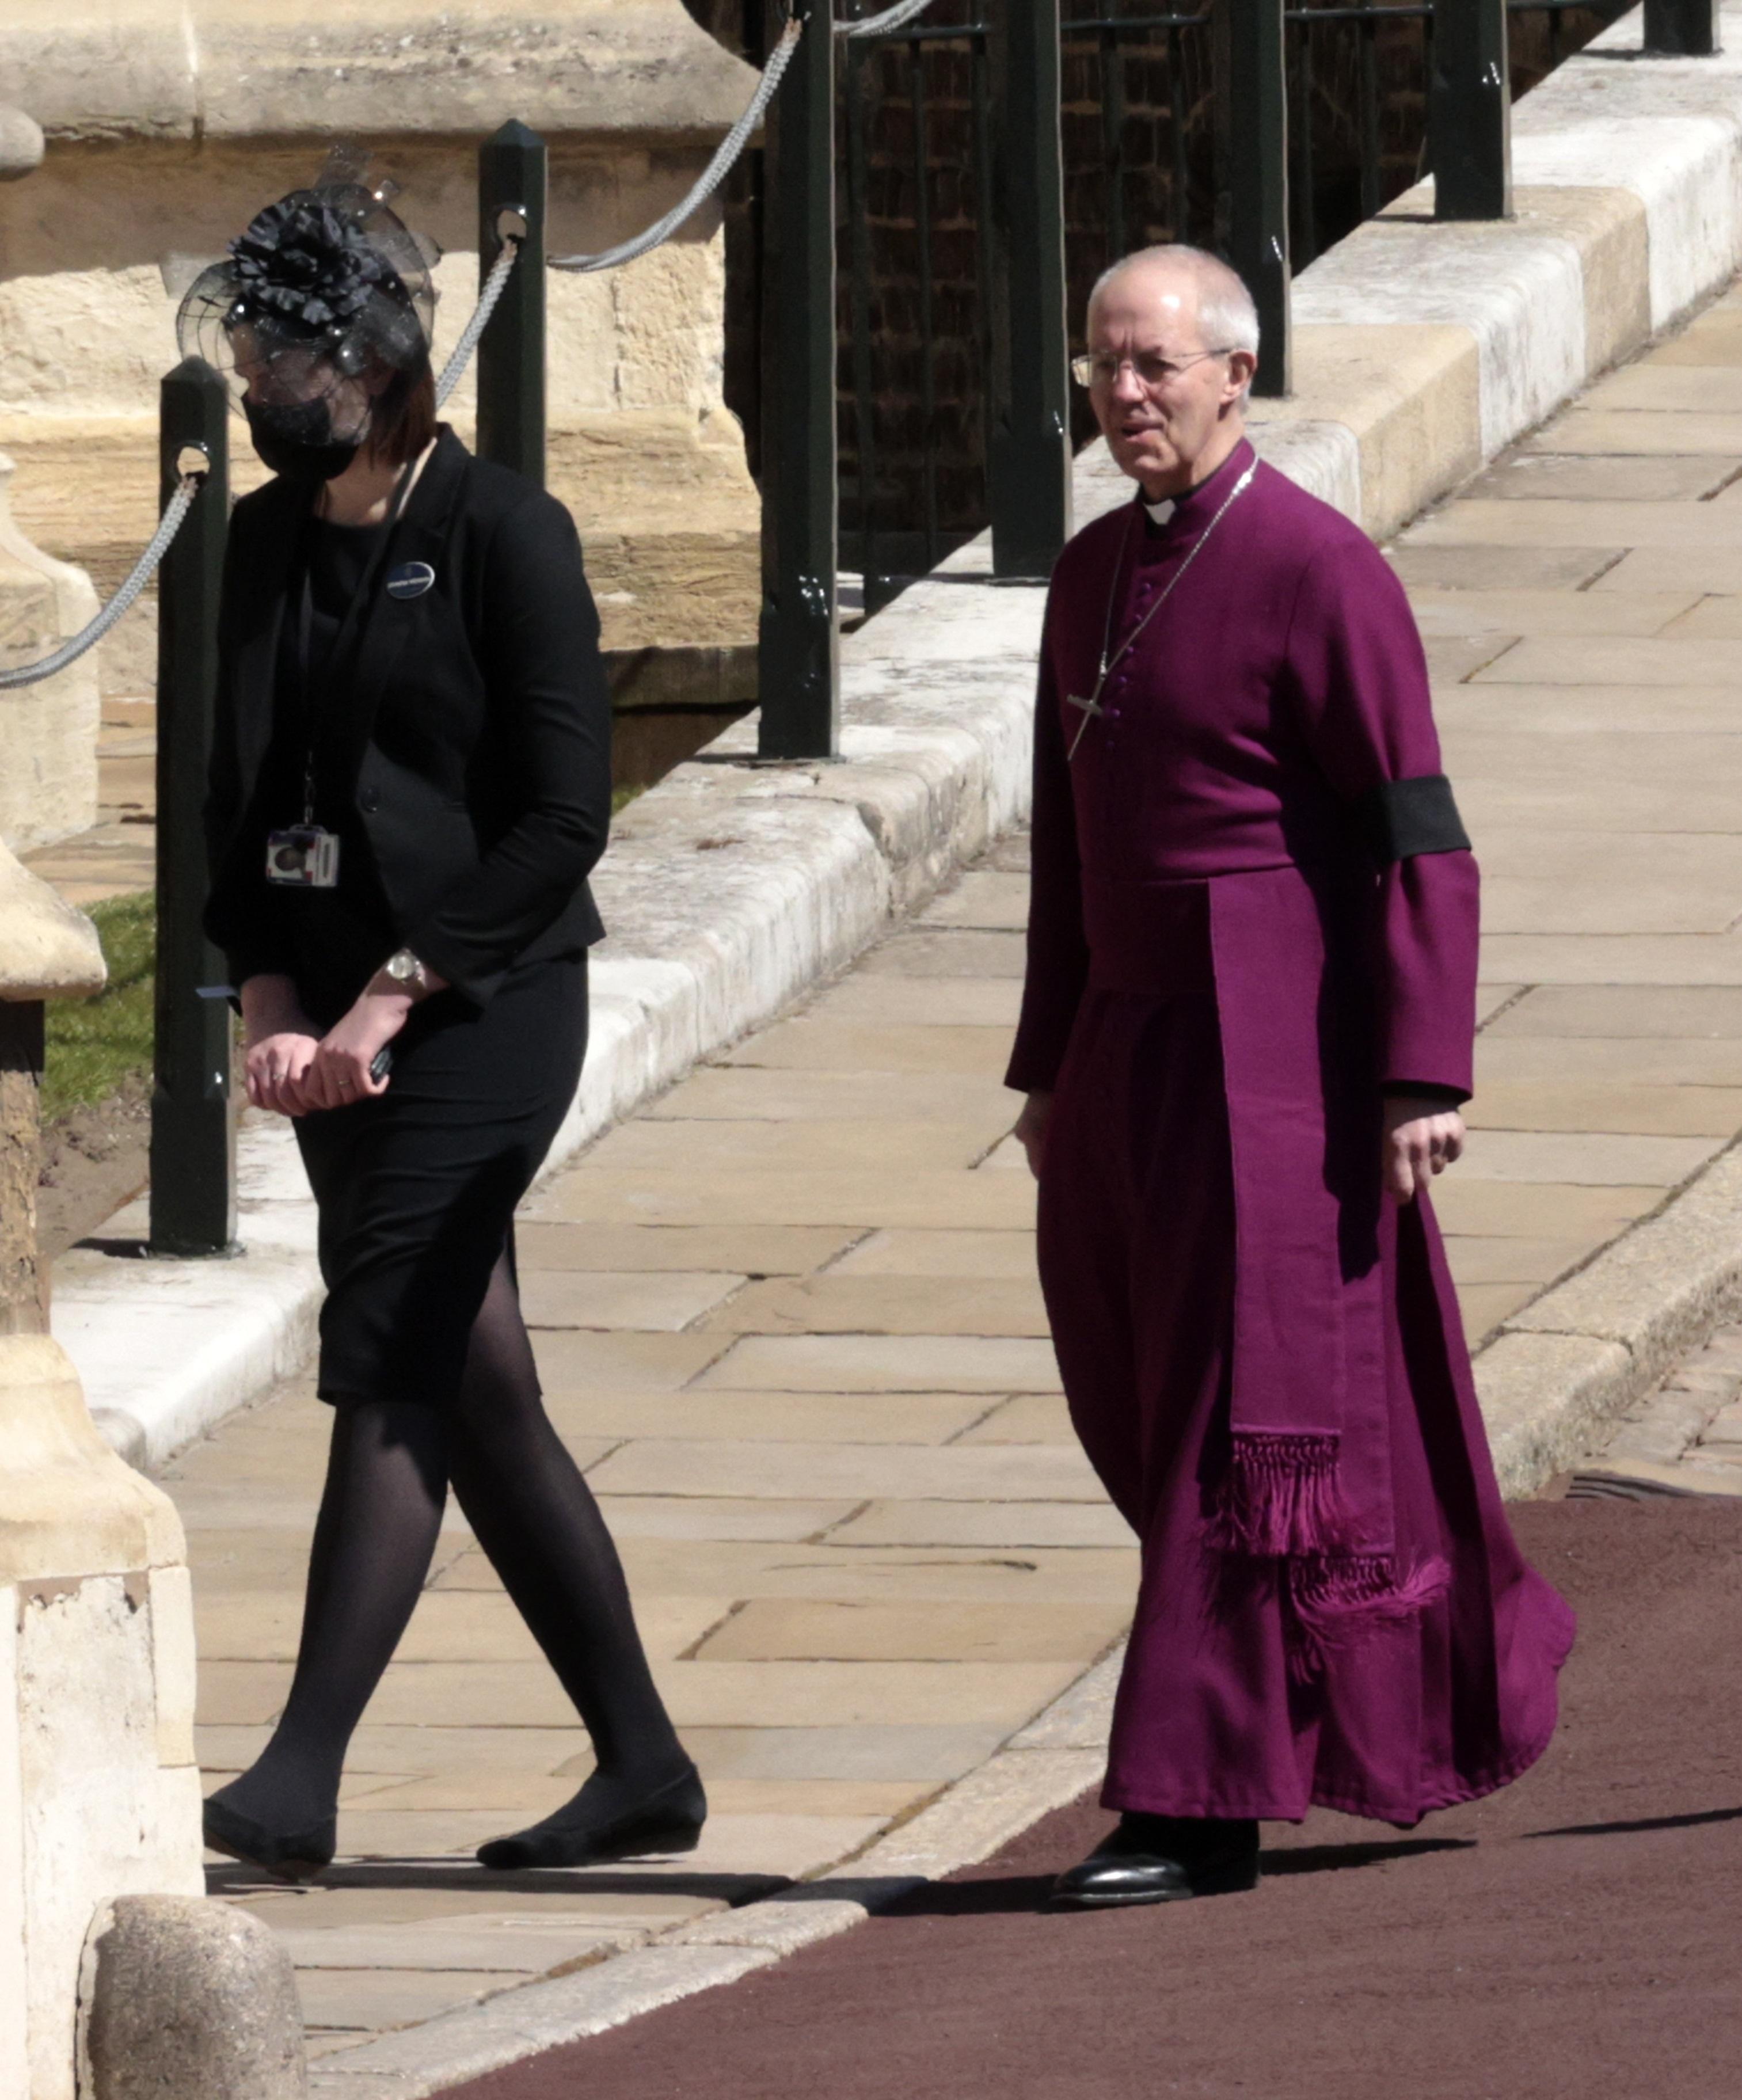 La misa fue oficiada por el arzobispo de Canterbury, Justin Welby. (AP)